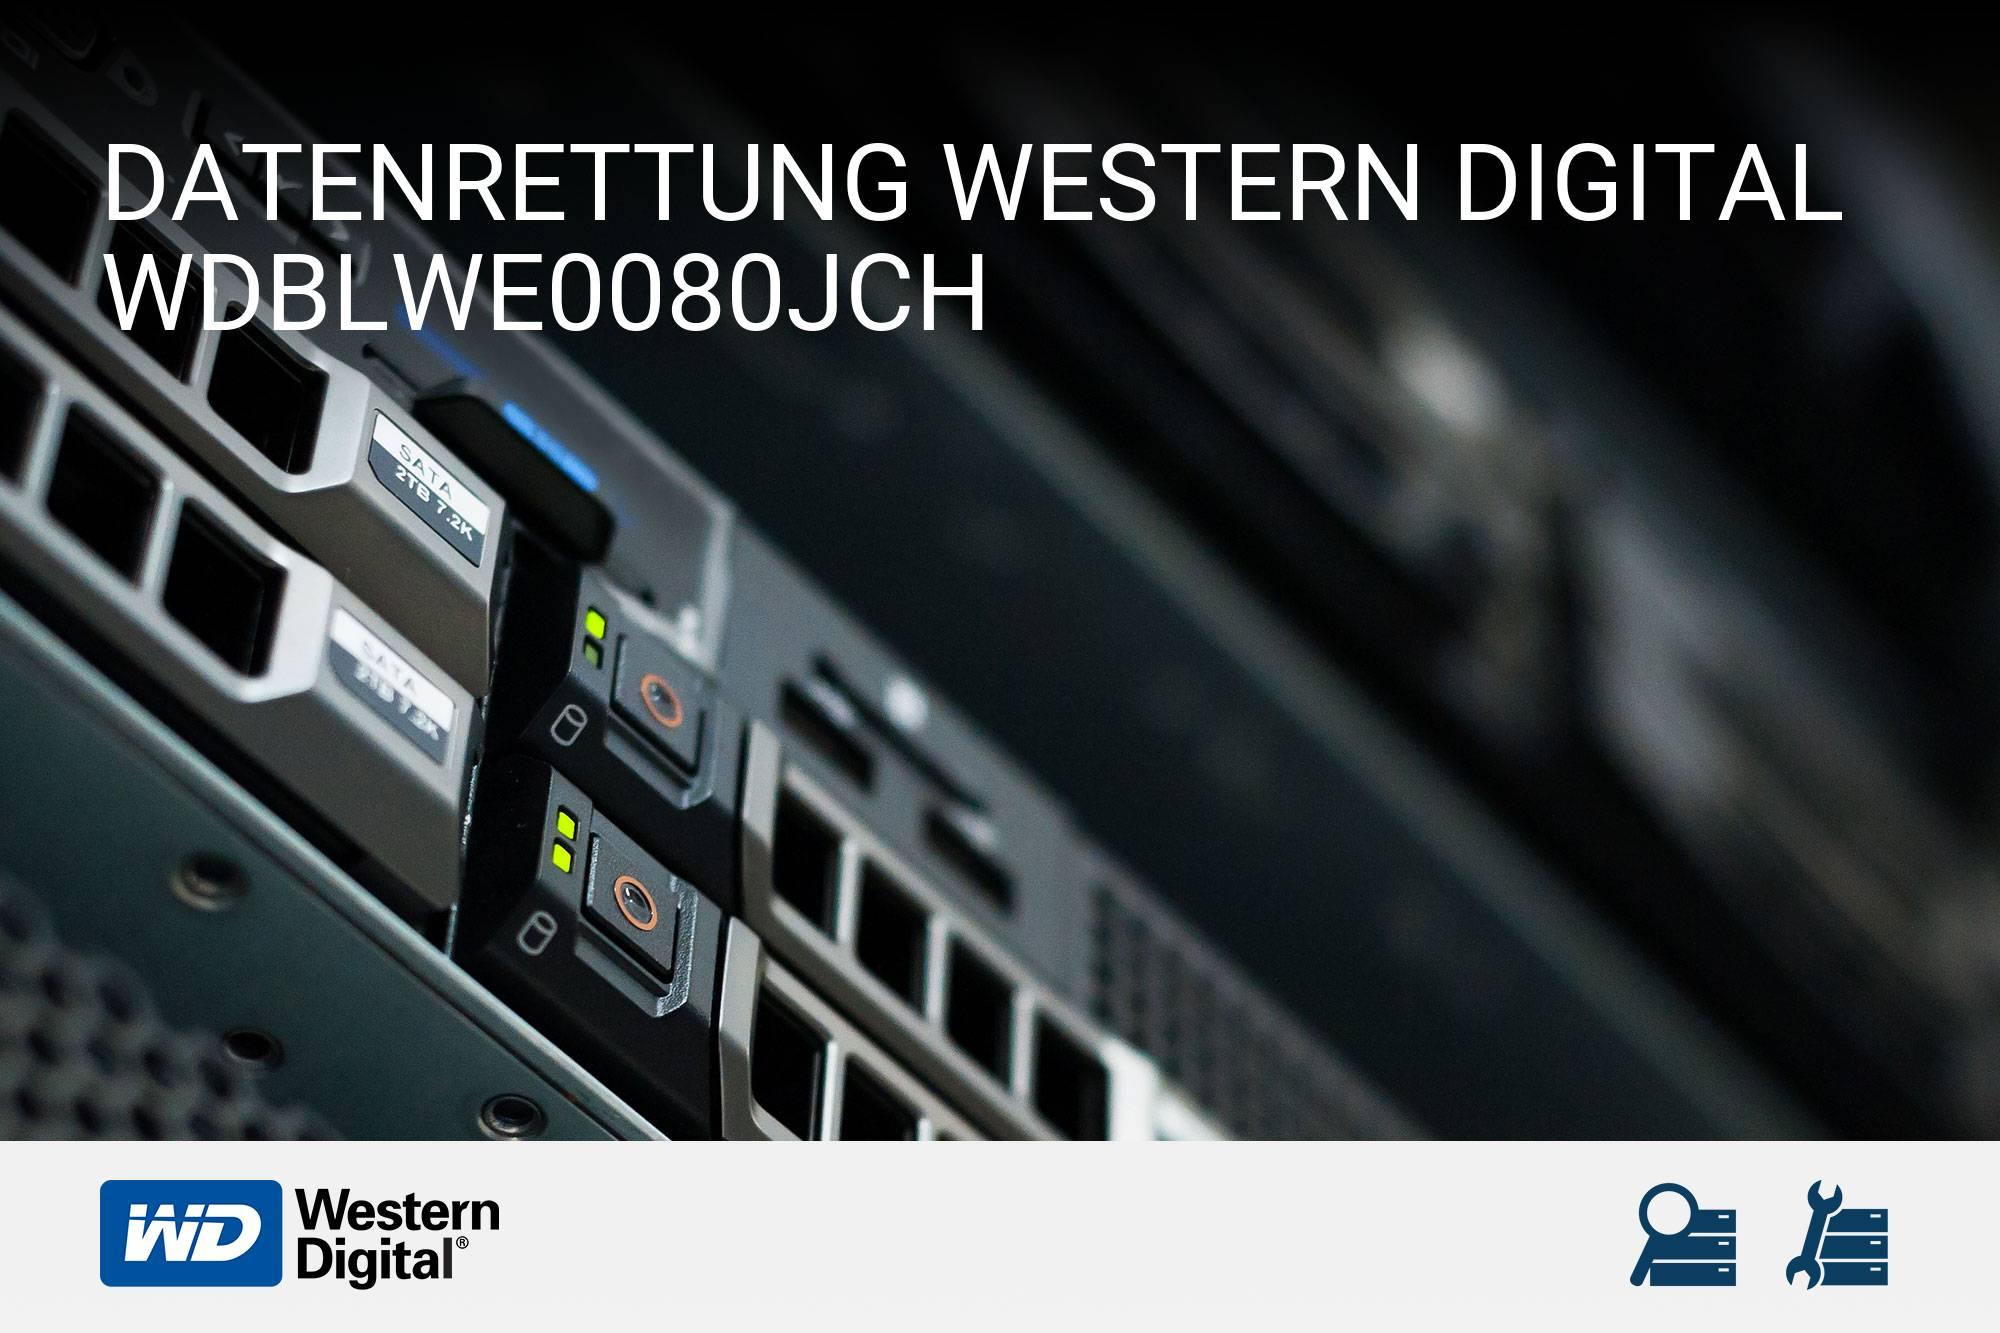 Western Digital WDBLWE0080JCH